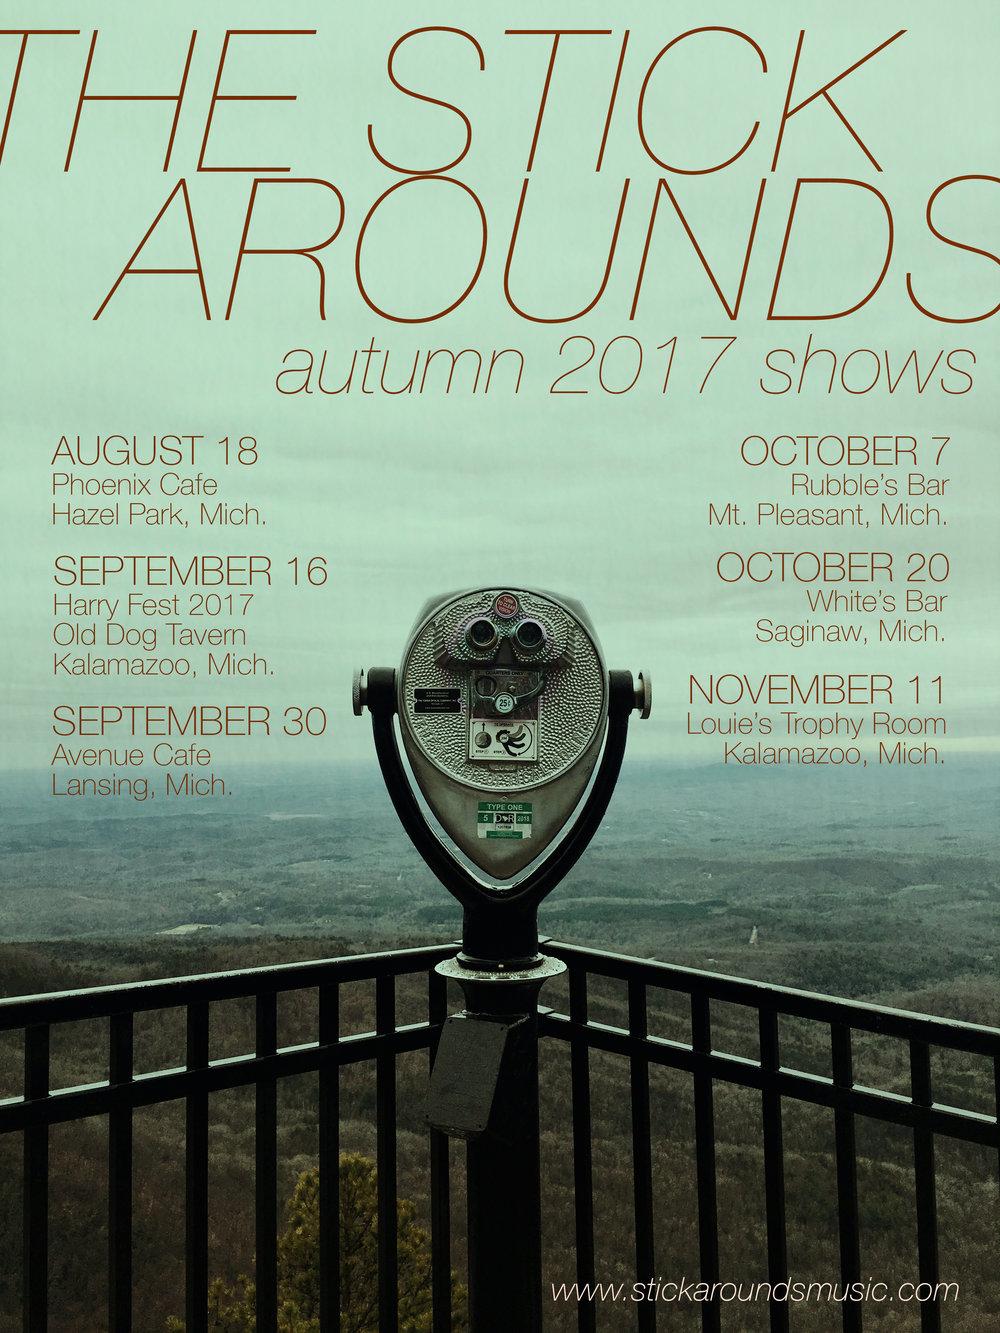 autumn 2017 poster viewfinder.jpg